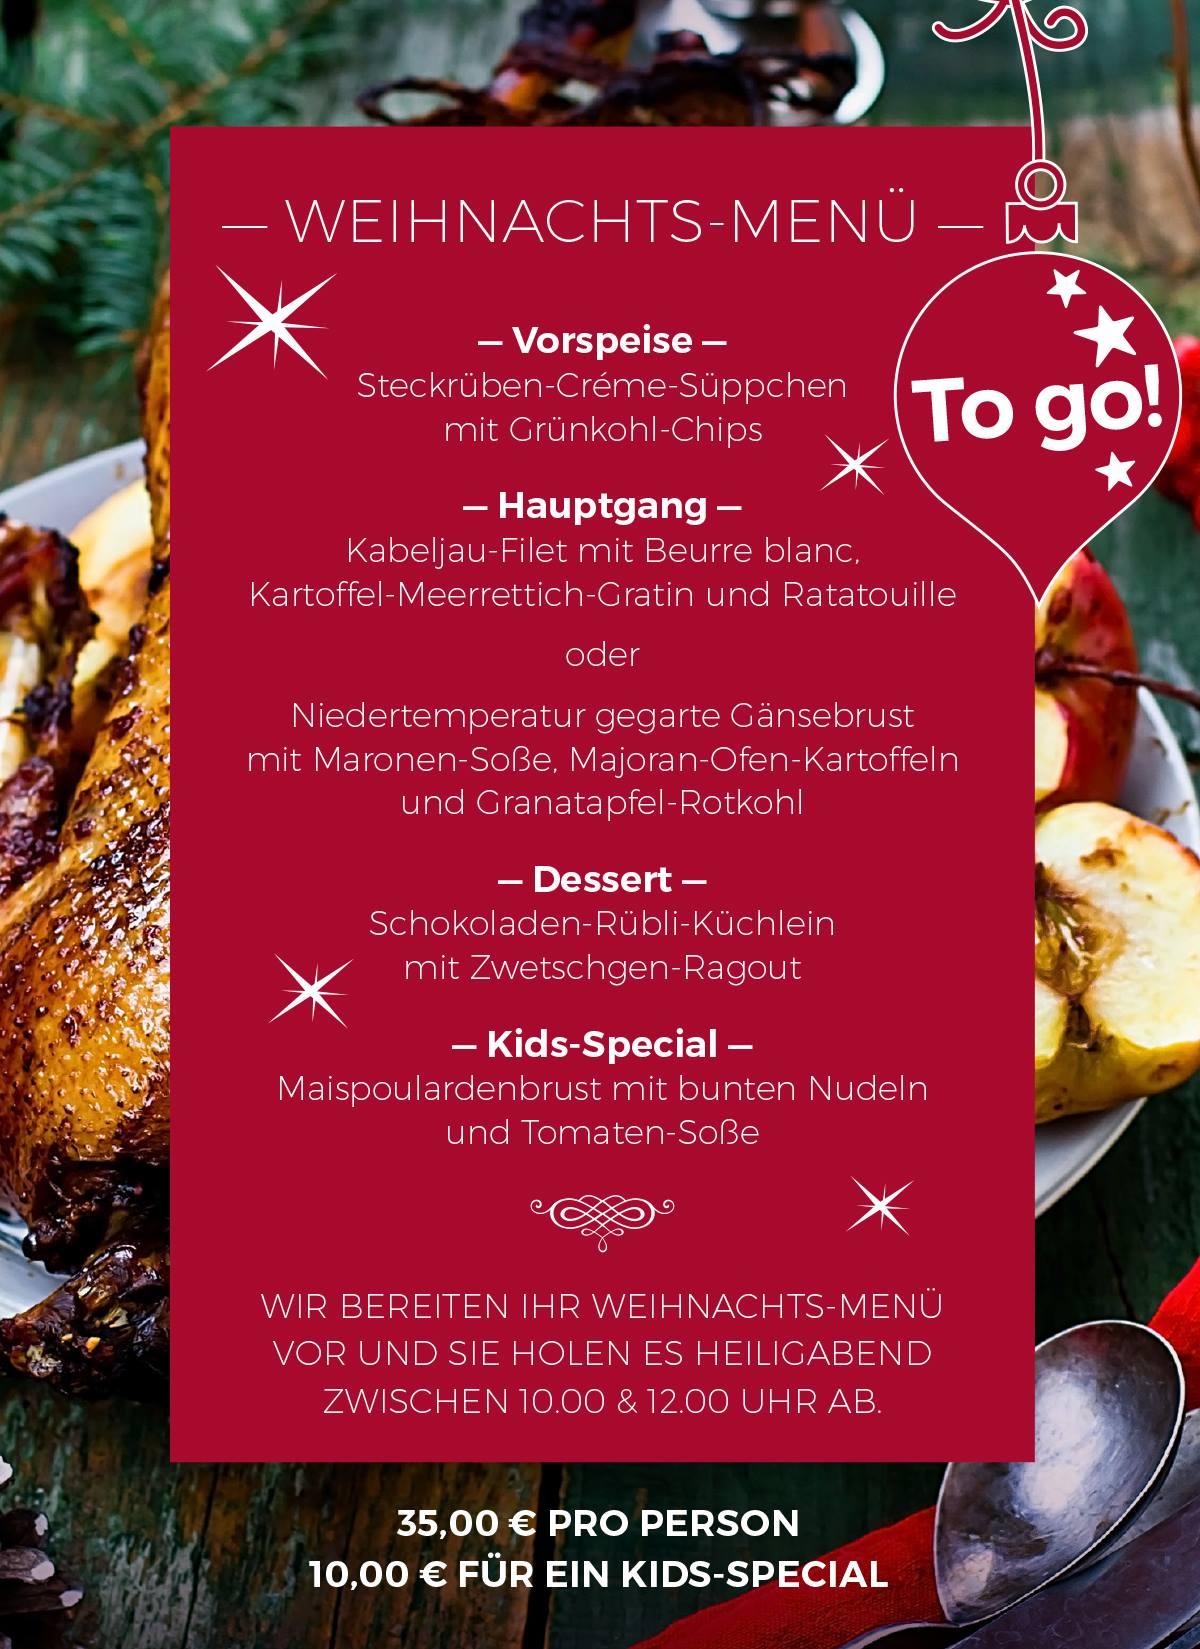 Auch dieses Jahr kocht das Restaurant RED wieder ein Weihnachtsmenü für euch. Abgeholt werden kann es am Heilig Abend zwischen 10-12h.